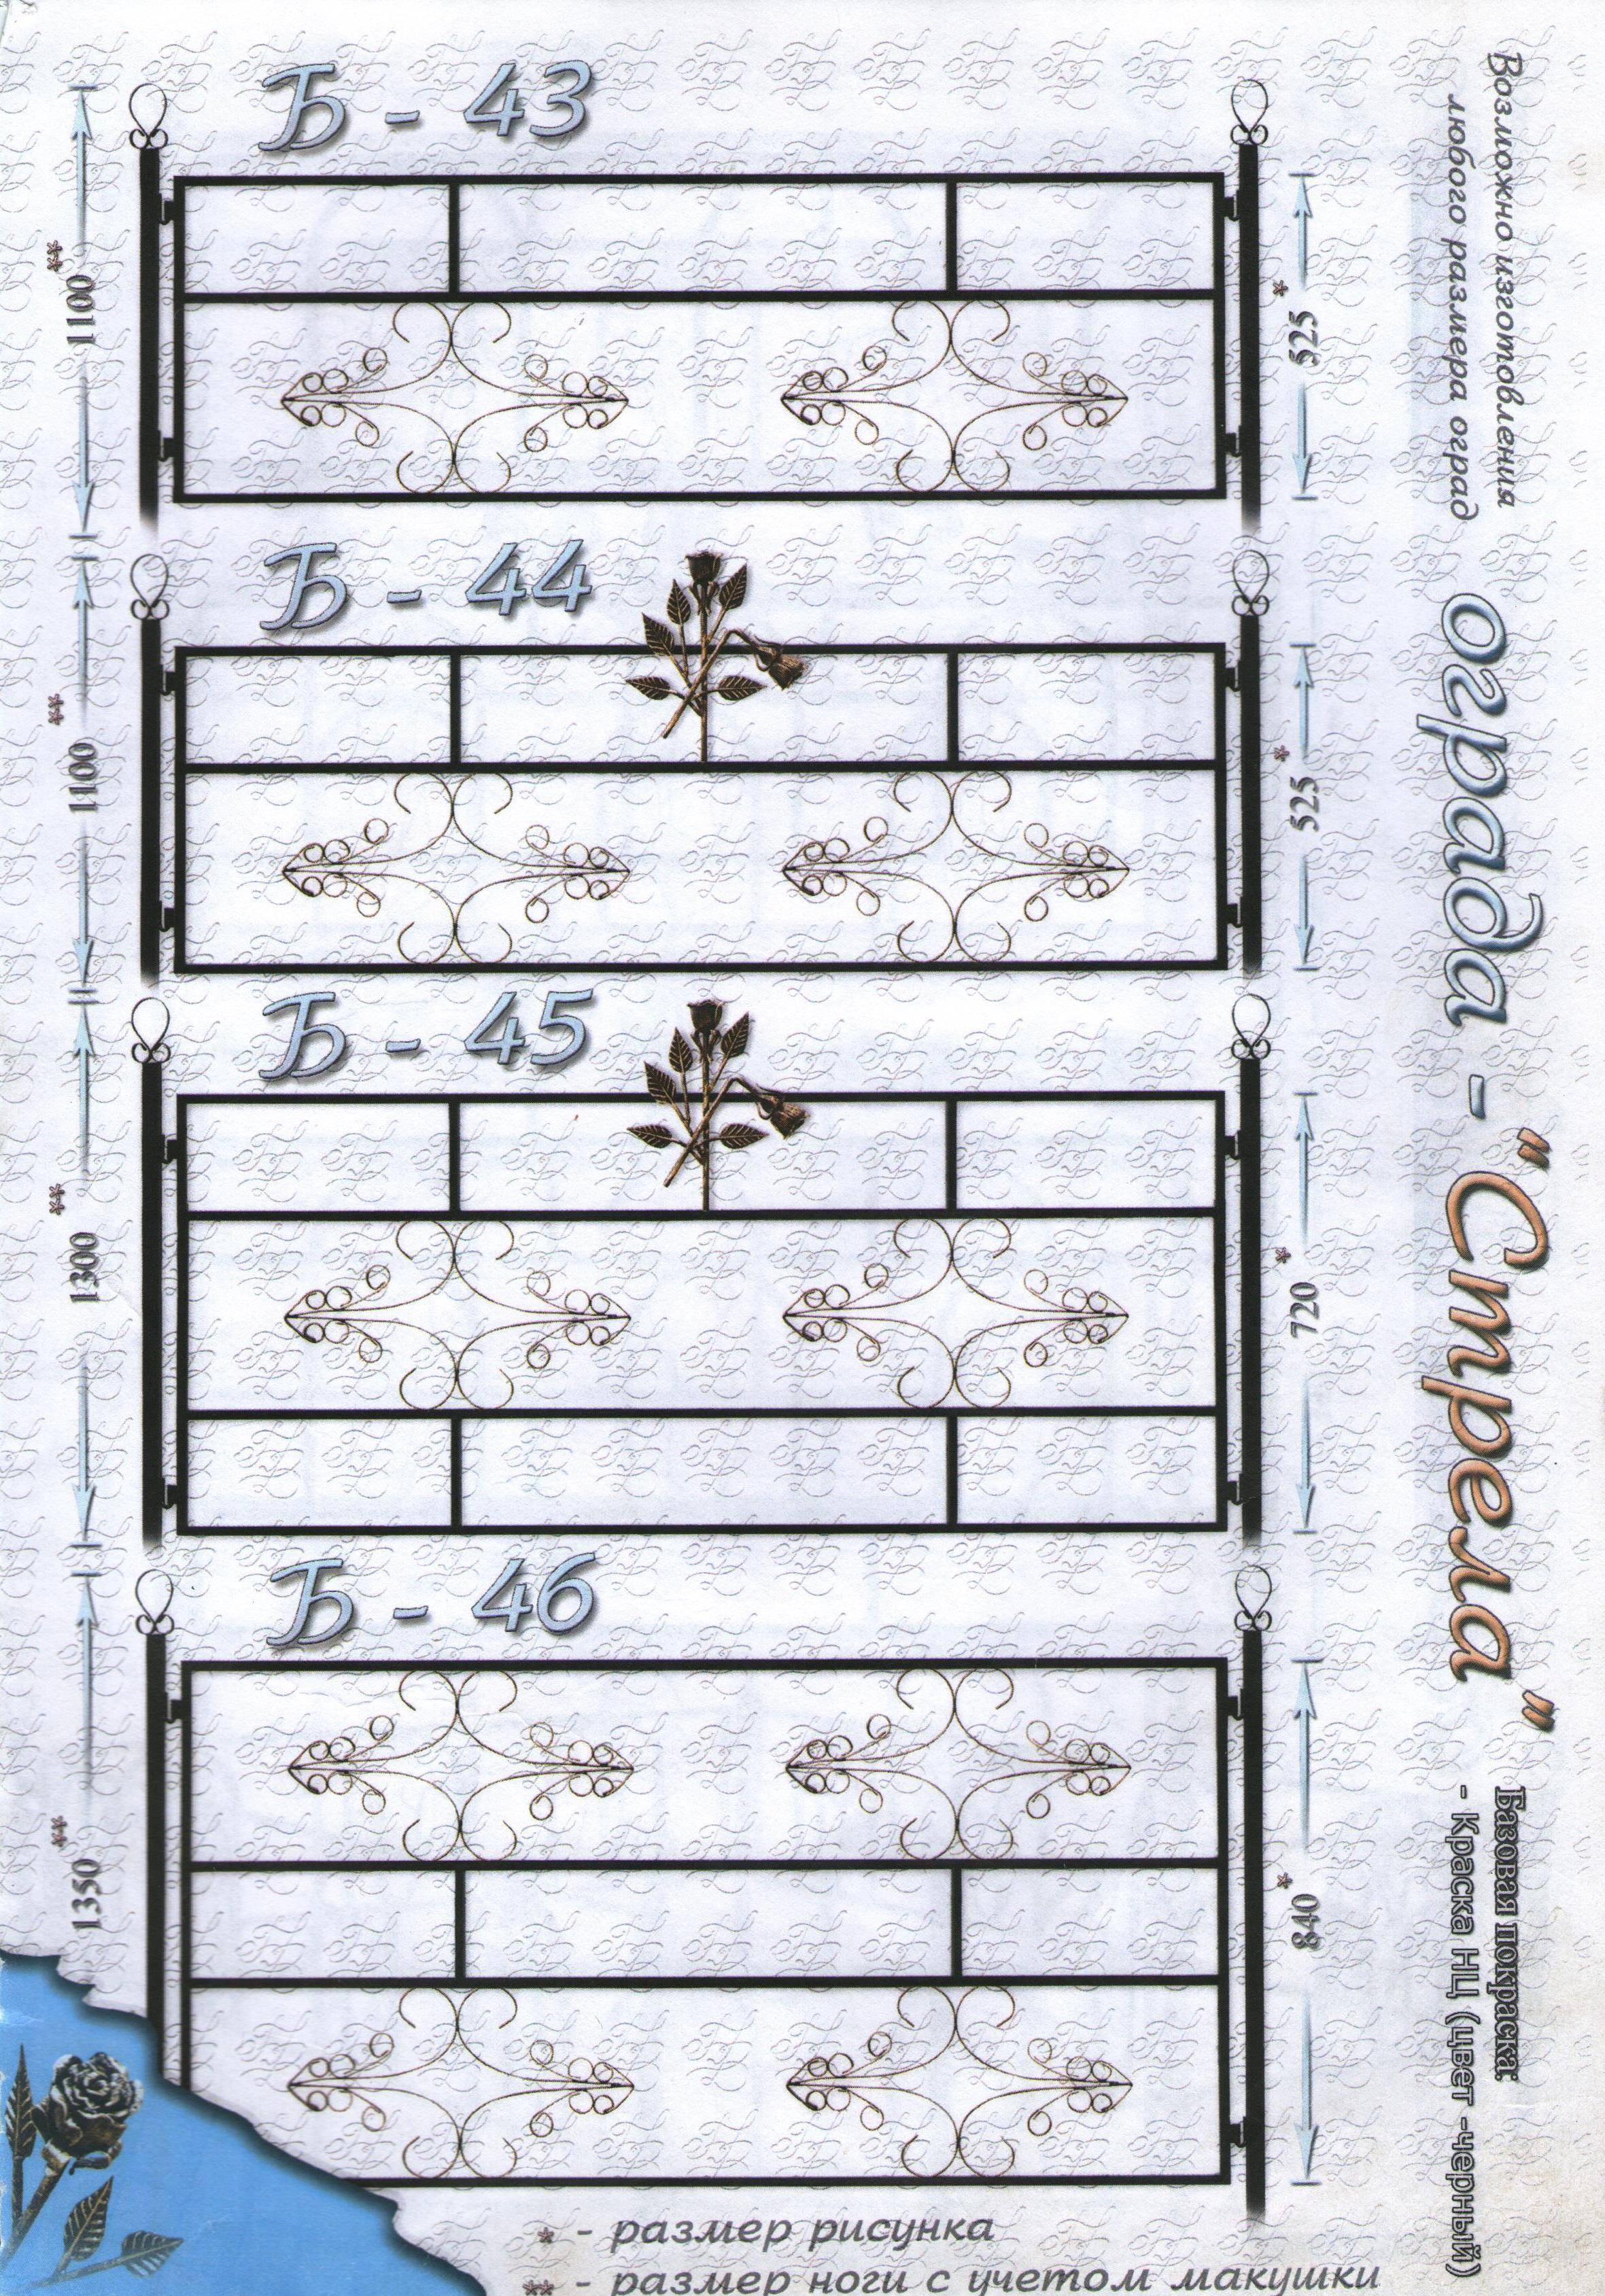 ограда 2019-03-11 008